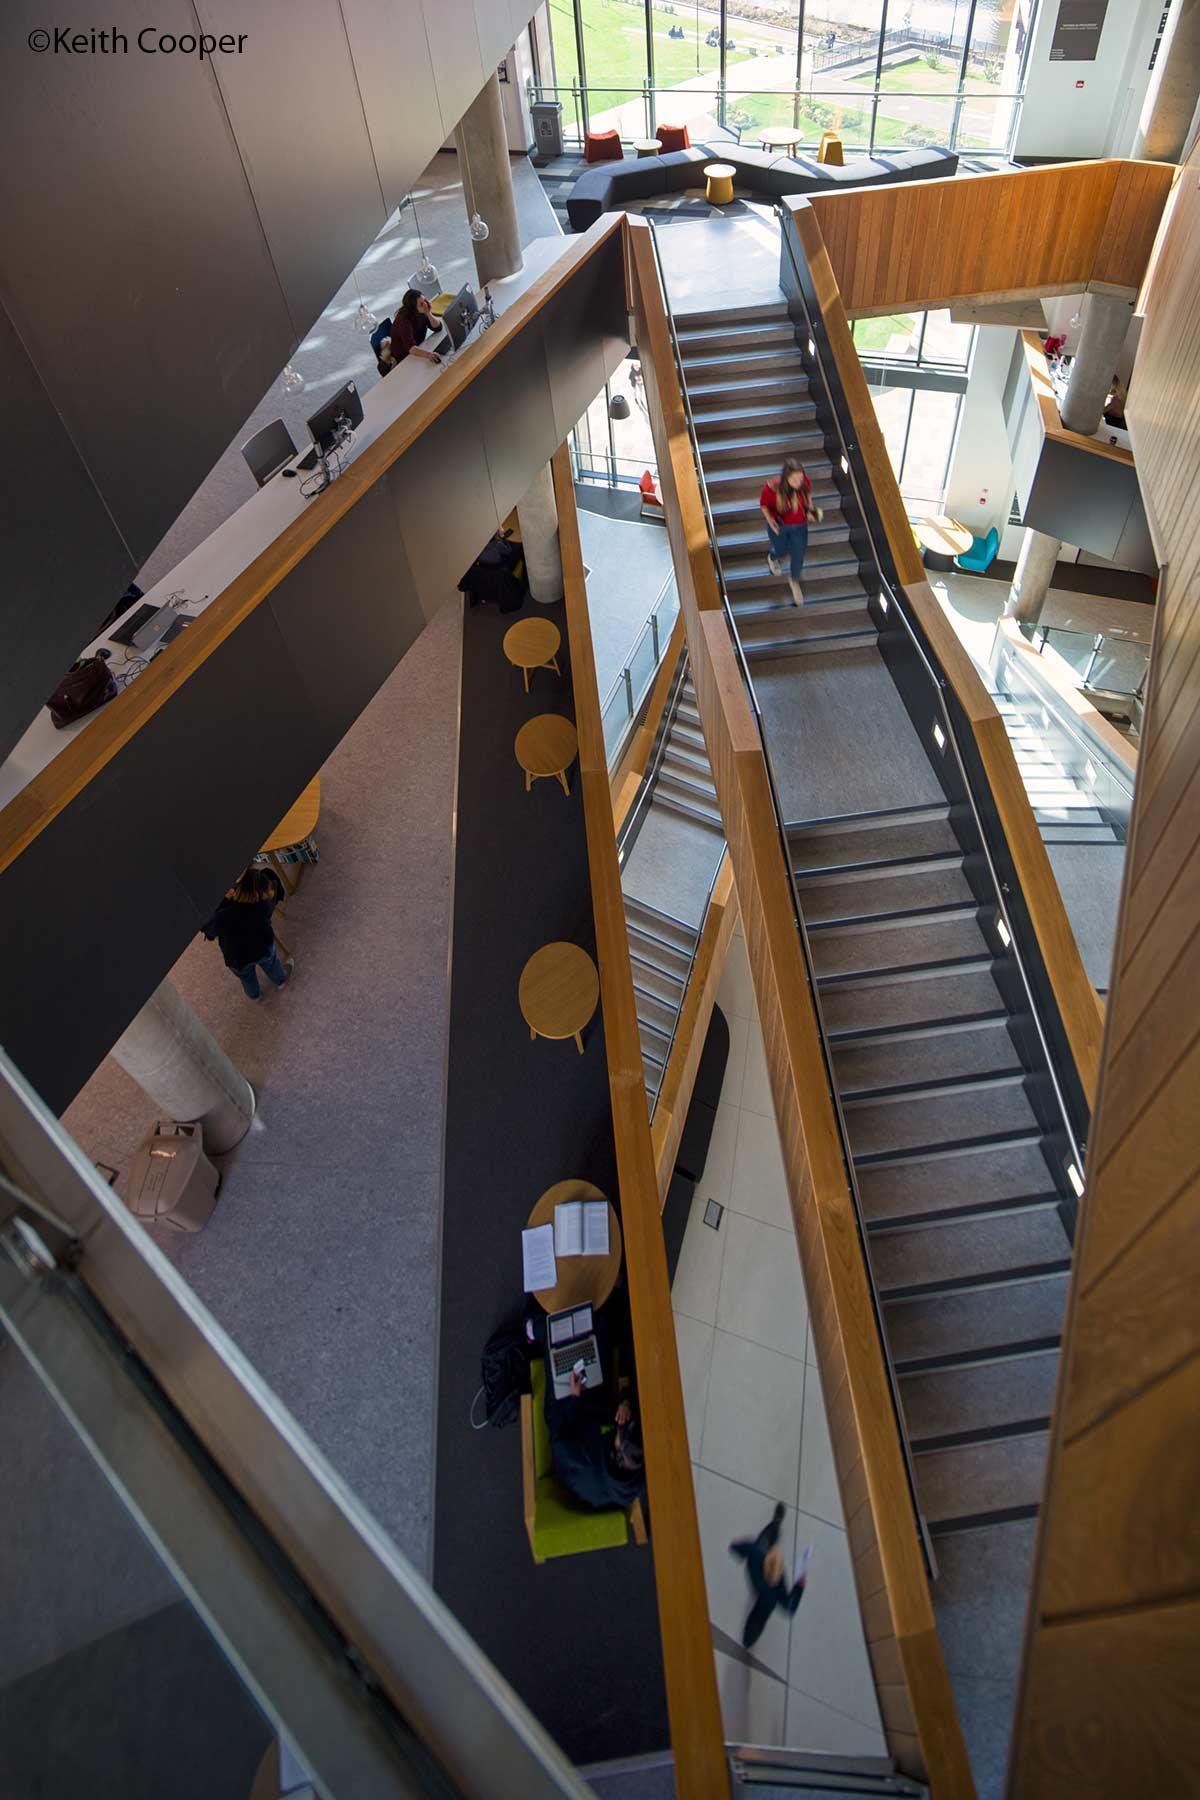 DMU staircase